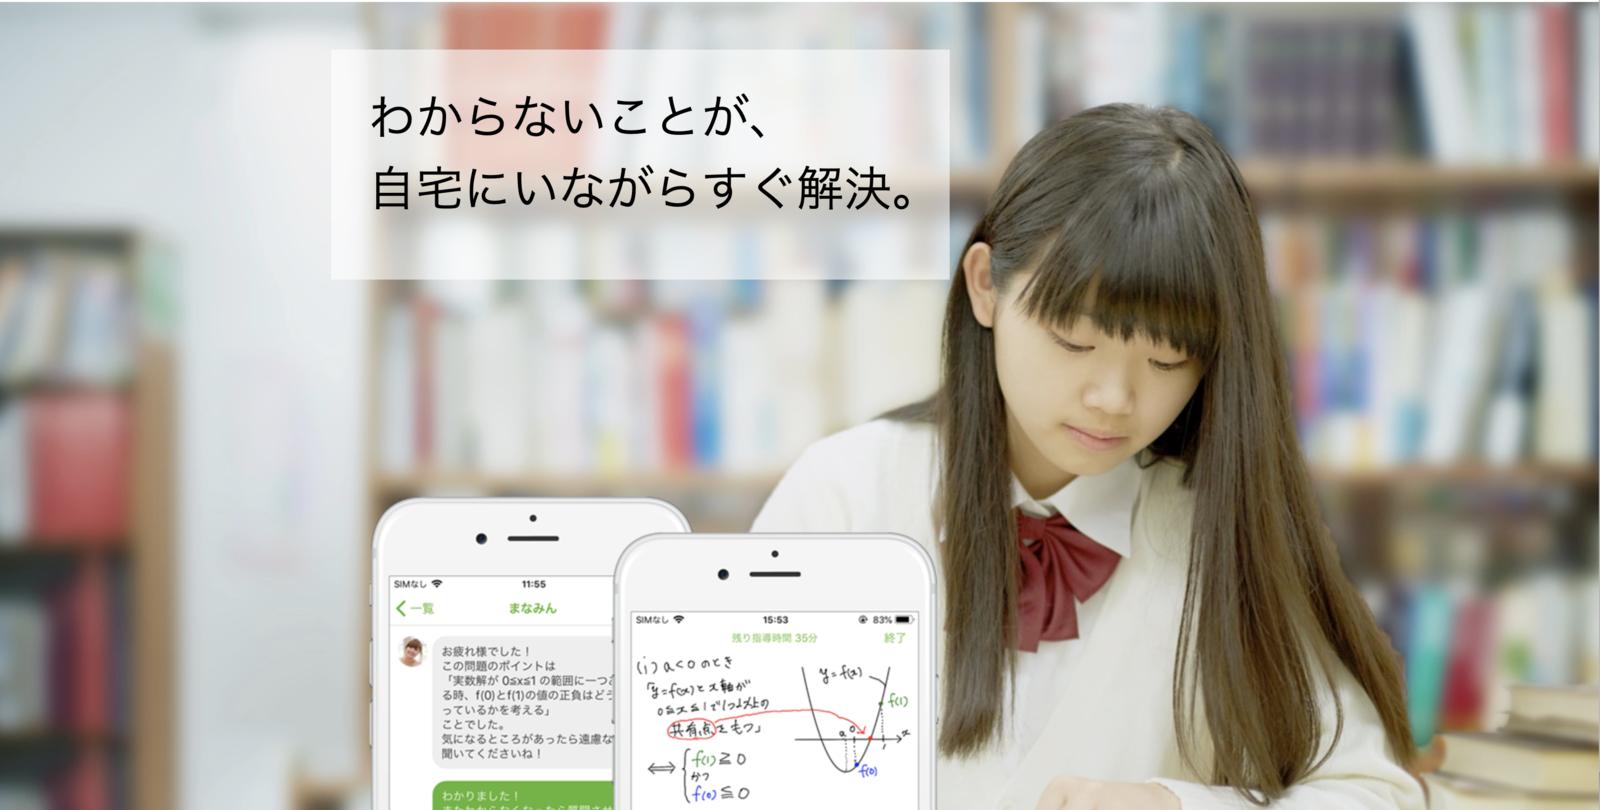 【Swift】Edtechの代名詞「スマホ家庭教師manabo」iOSエンジニア募集!